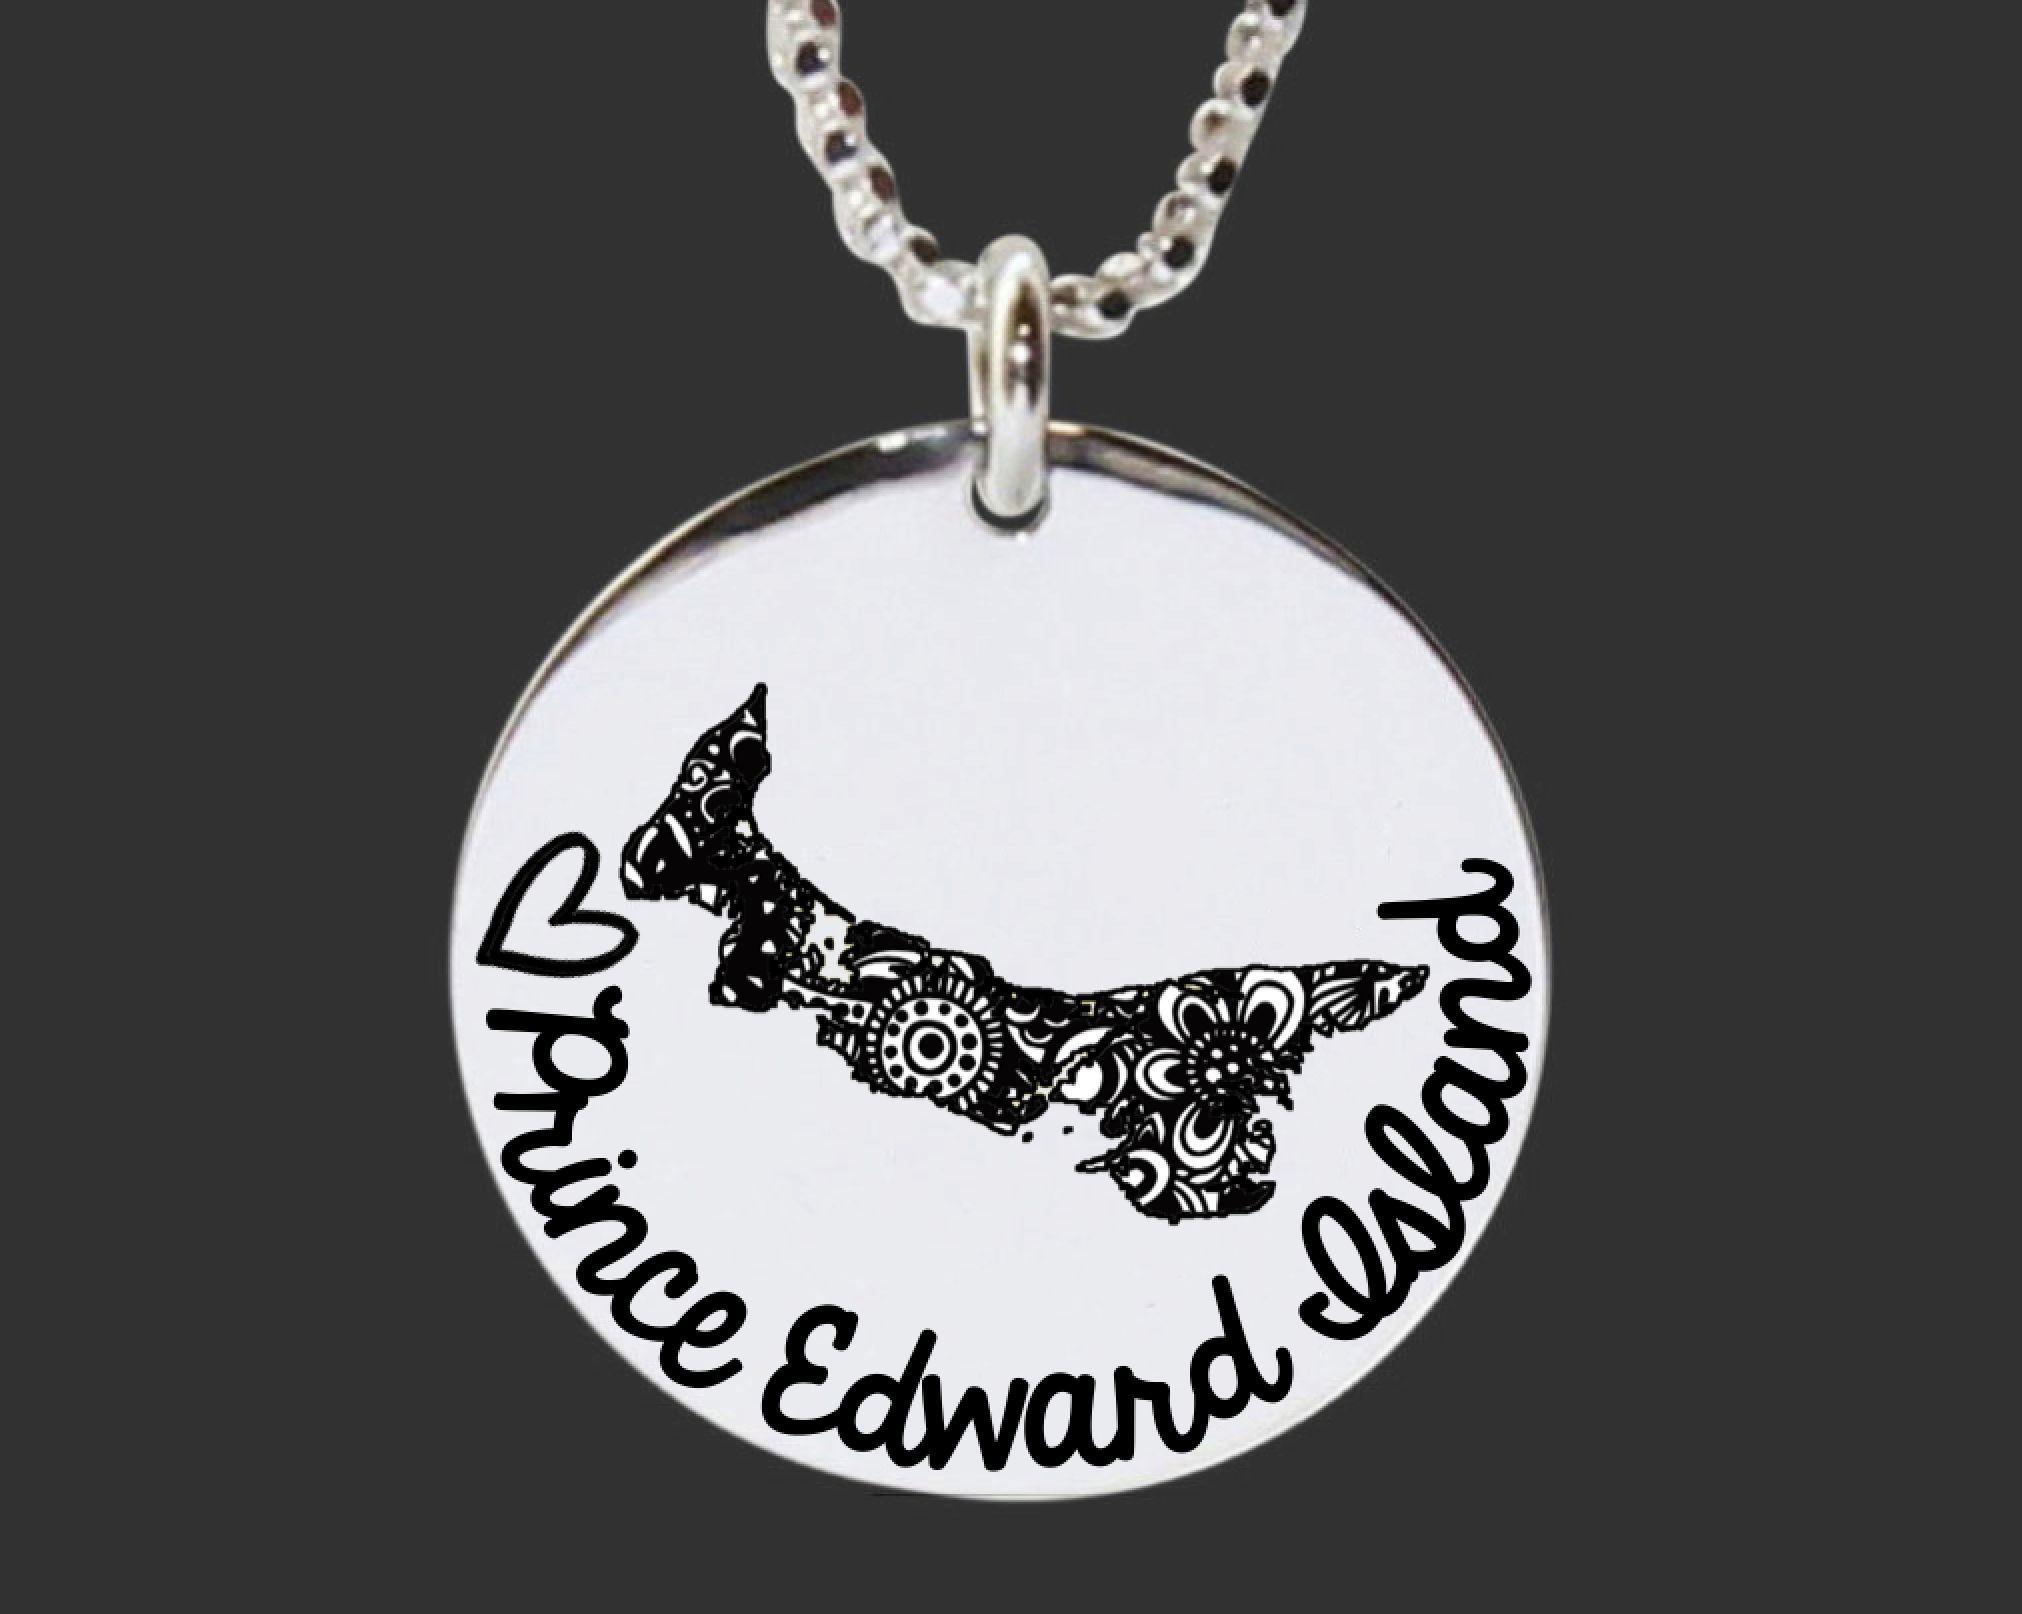 Prince edward island prince edward island necklace canada